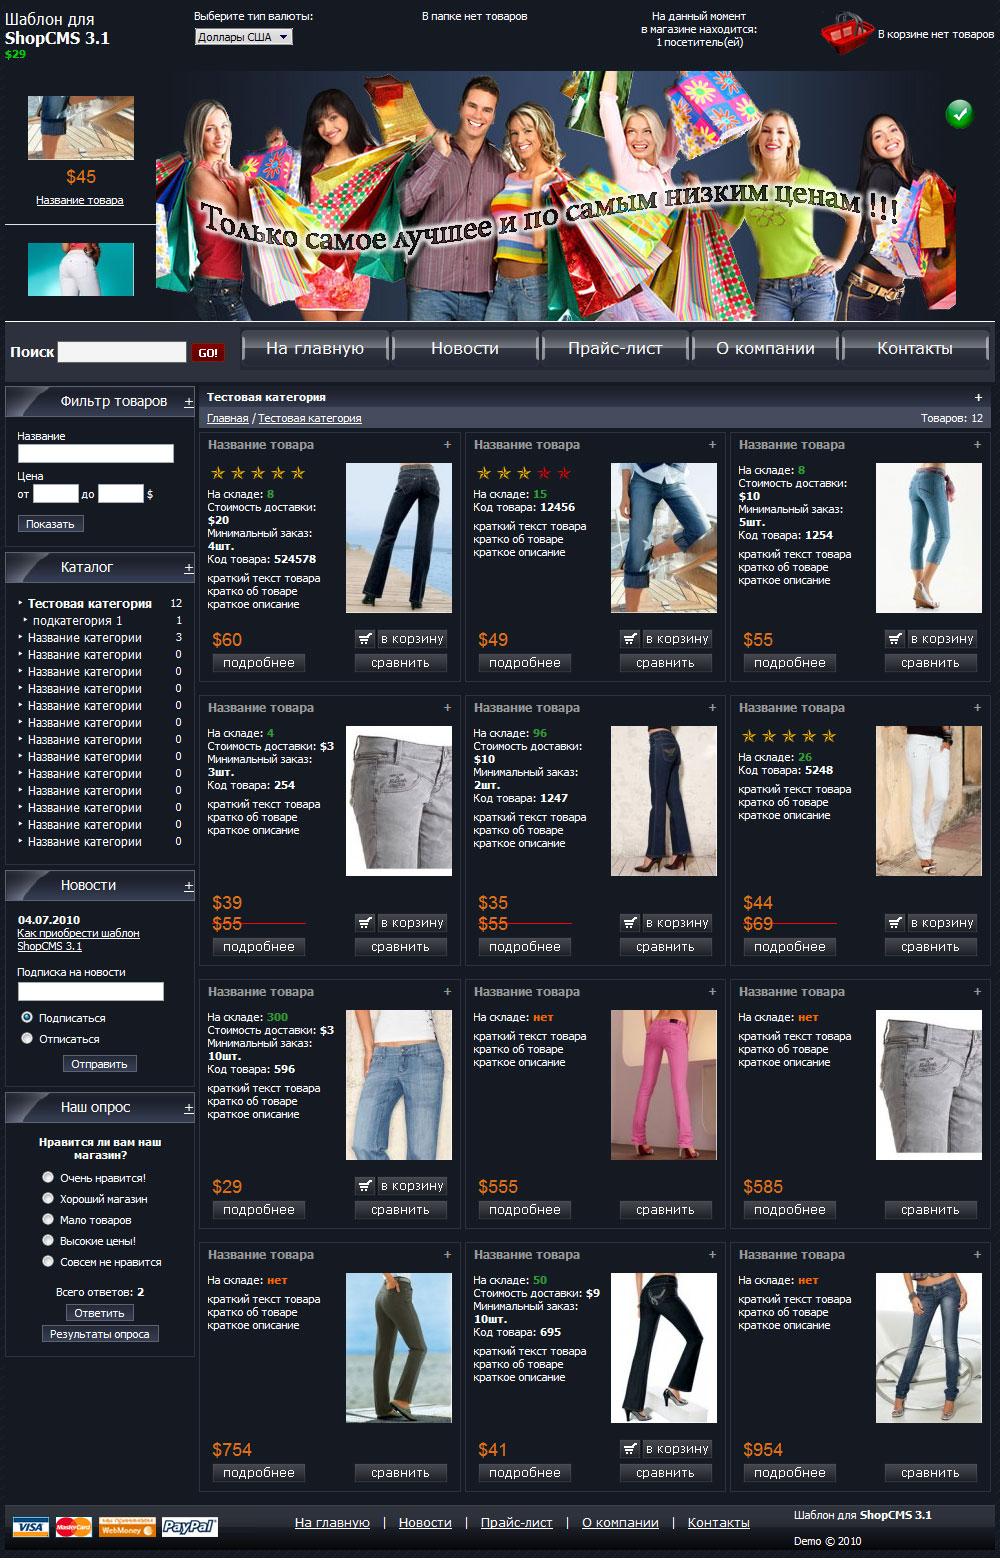 Инструкция Присутствует. tema_free_www.shopcms.pp.ua.zip. Размер 1